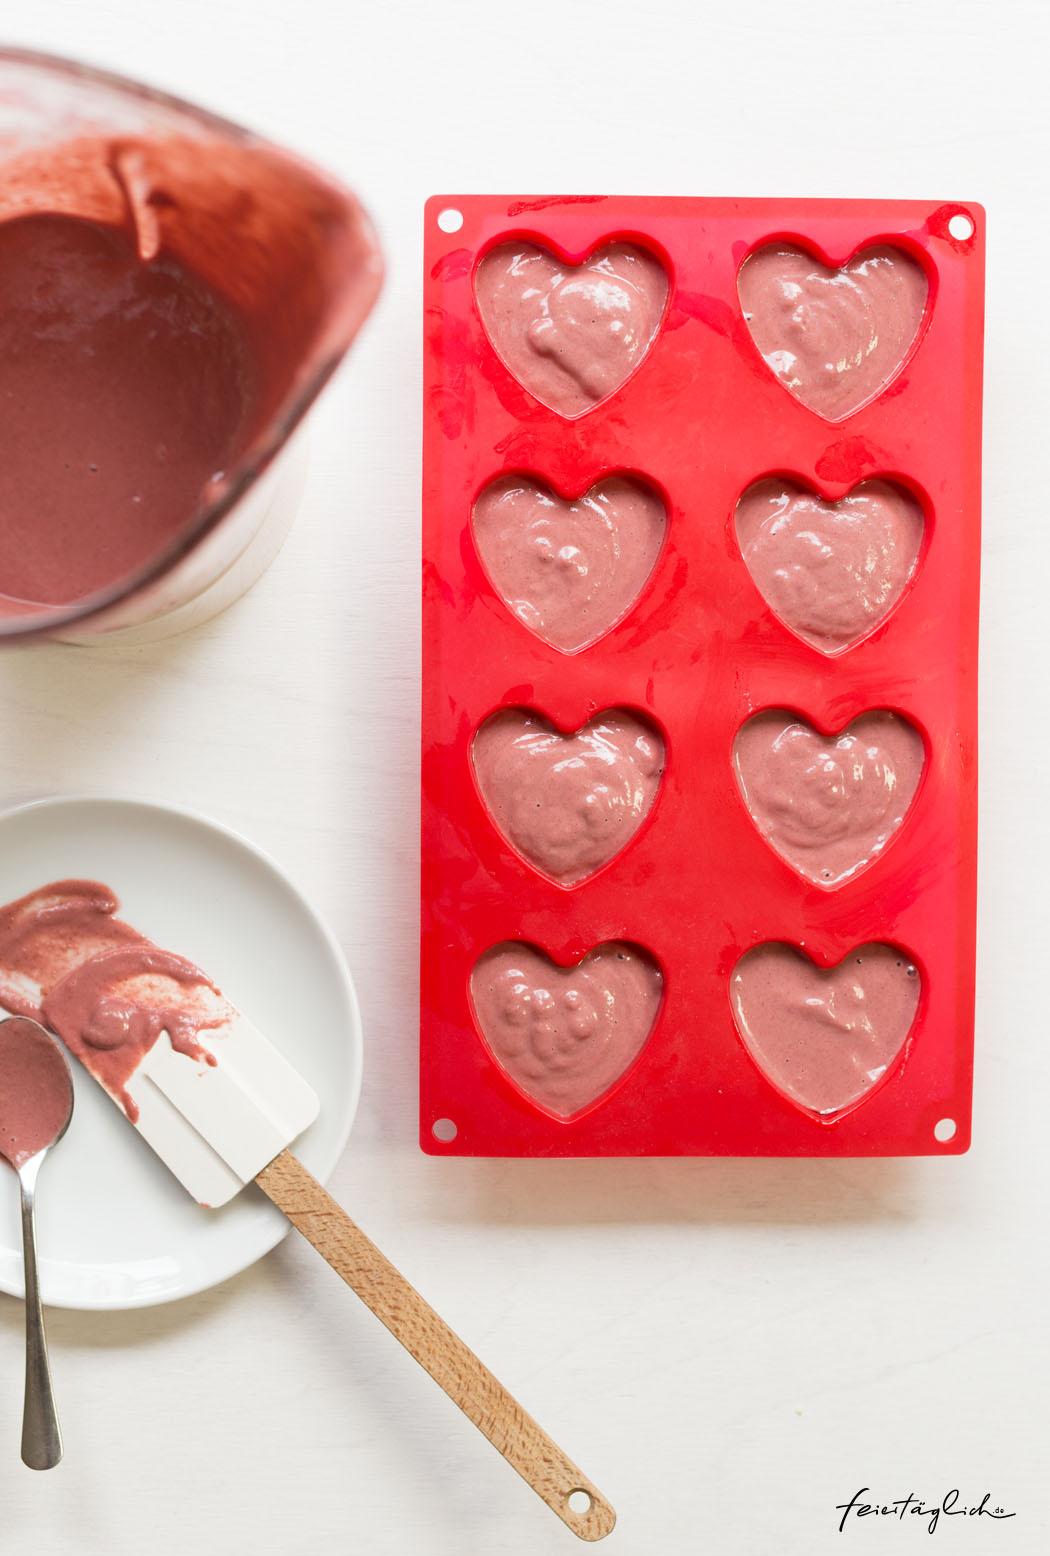 Rezept für Red Velvet Cupcakes mit einer besonderen, gesunden Geheimzutat zum Valentinstag oder Muttertag, vollwertig, ohne künstliche Farbstoffe